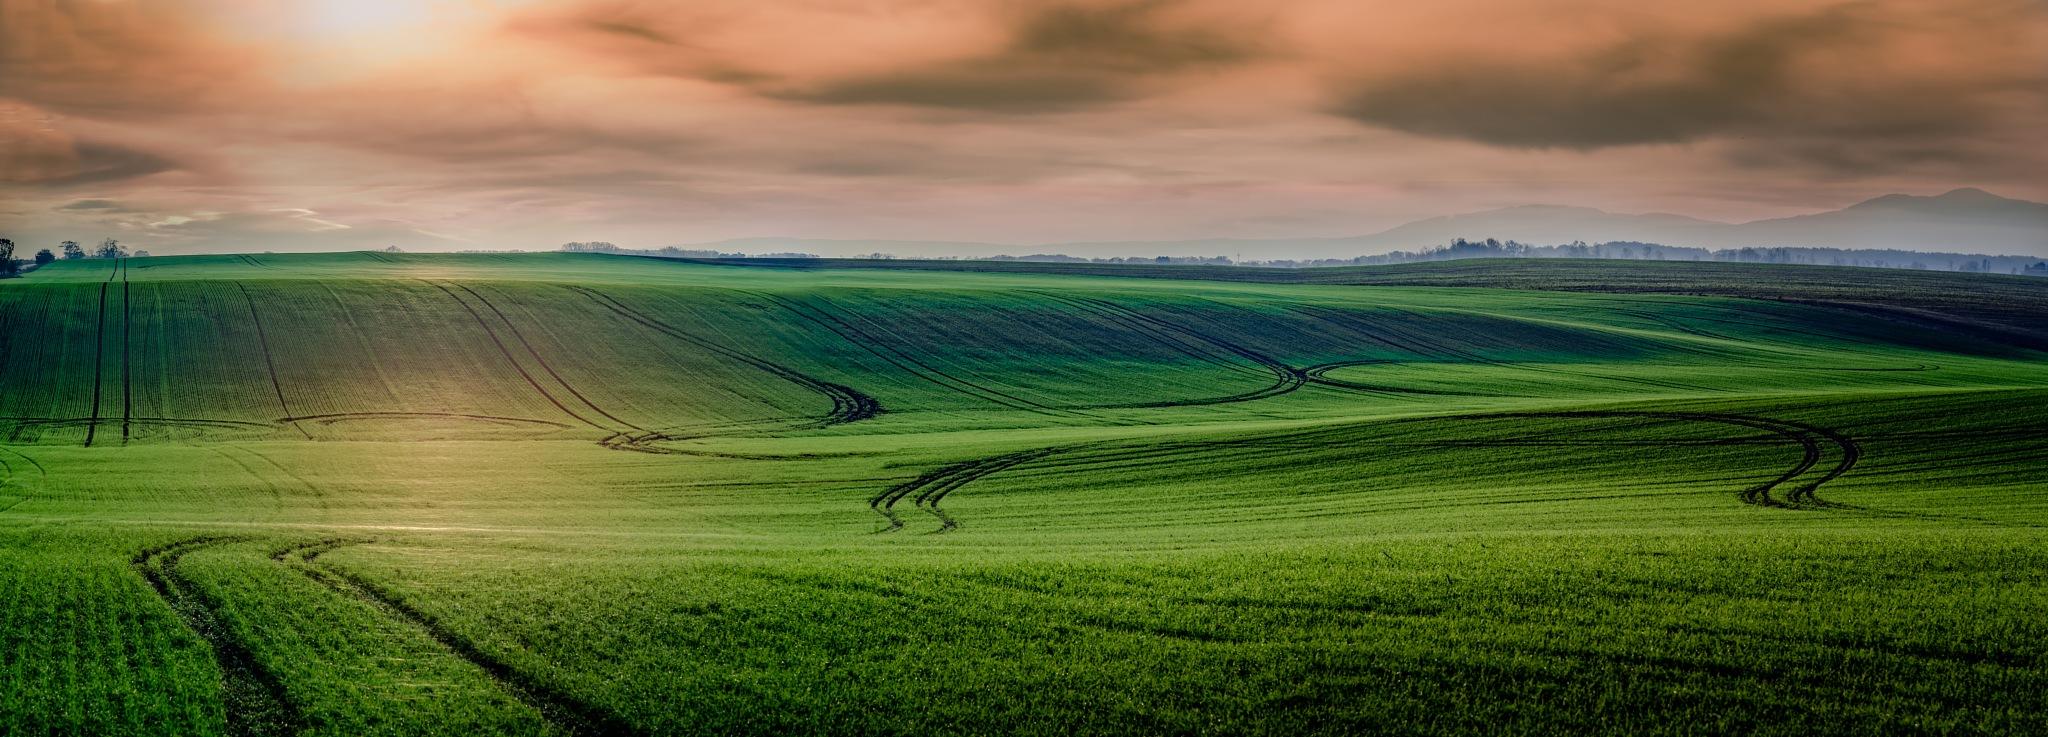 Fields in sunshine by JurajNovak